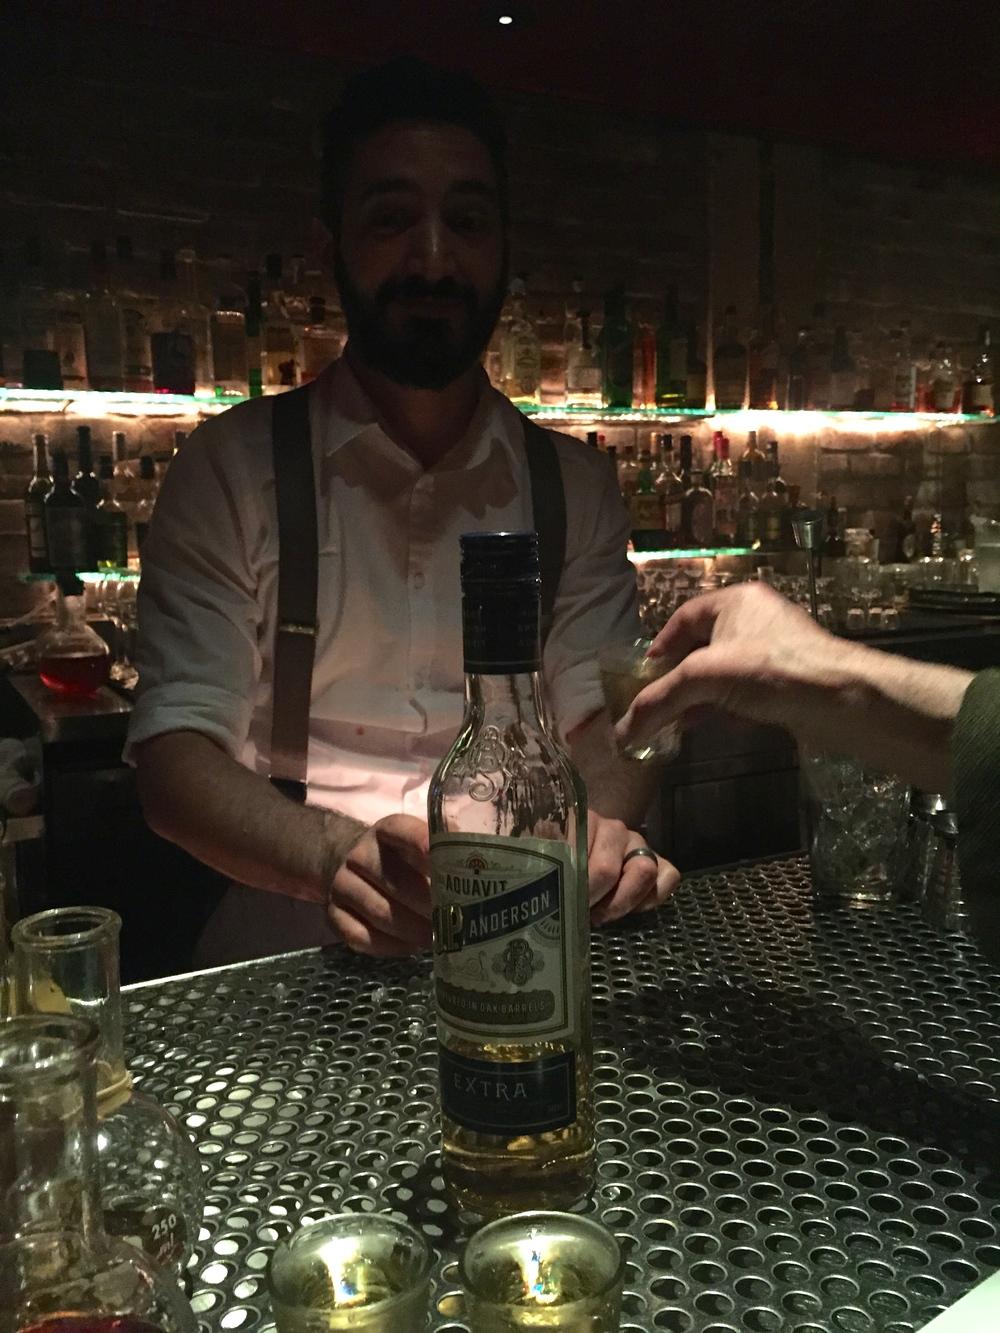 Fick finsnapsen av bartendern som hade varit på Stockholmsturné!